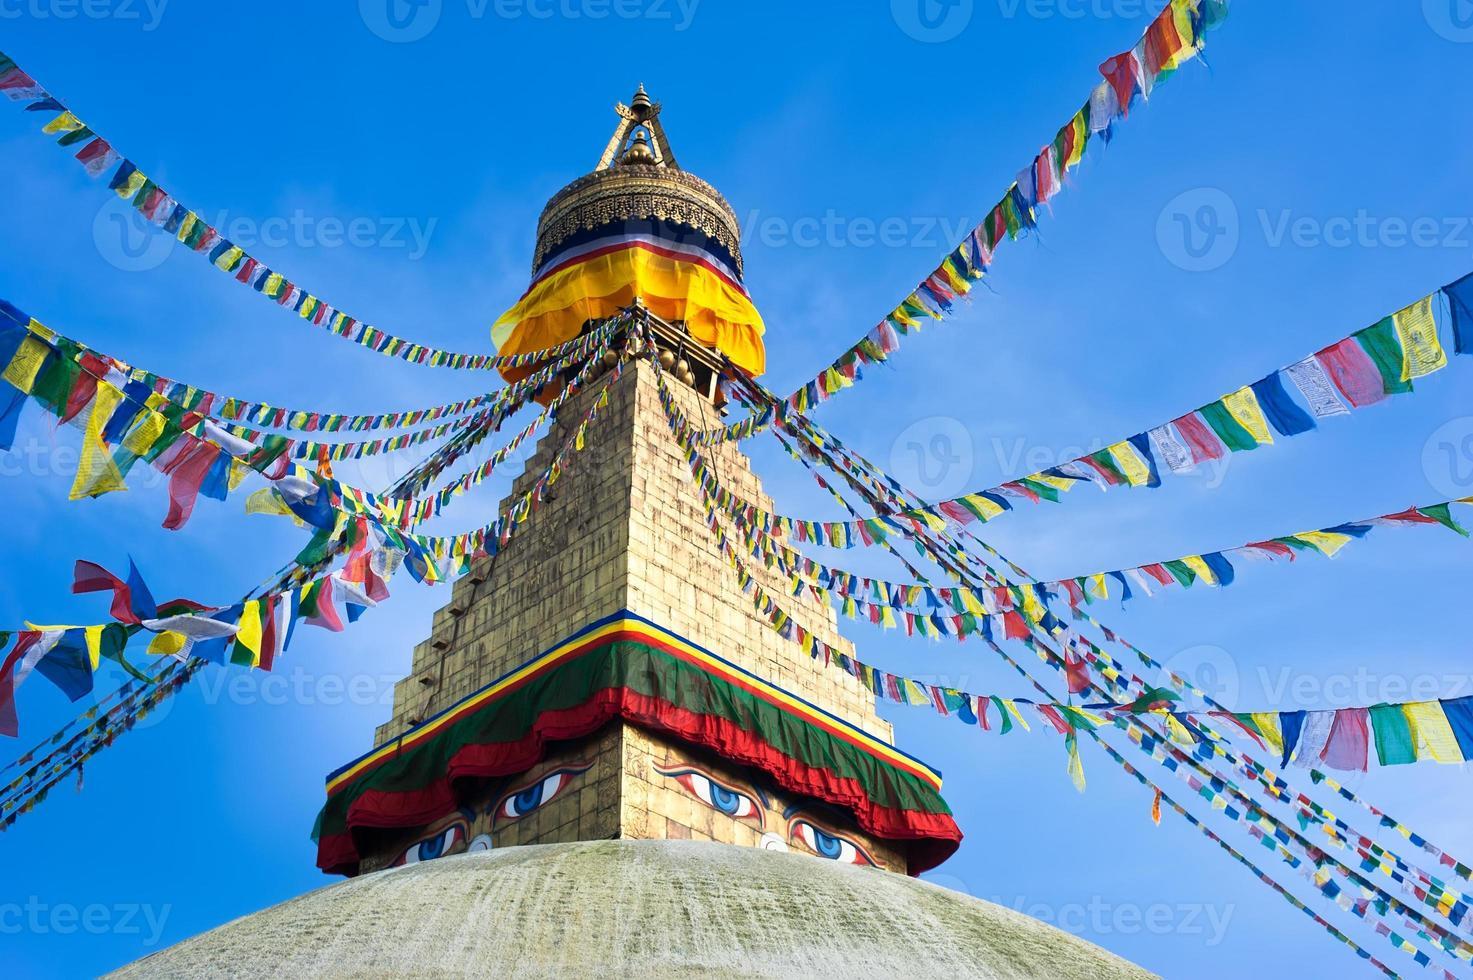 boeddhistische heiligdom Bouddhanath stupa met bid vlaggen over blauwe hemel foto